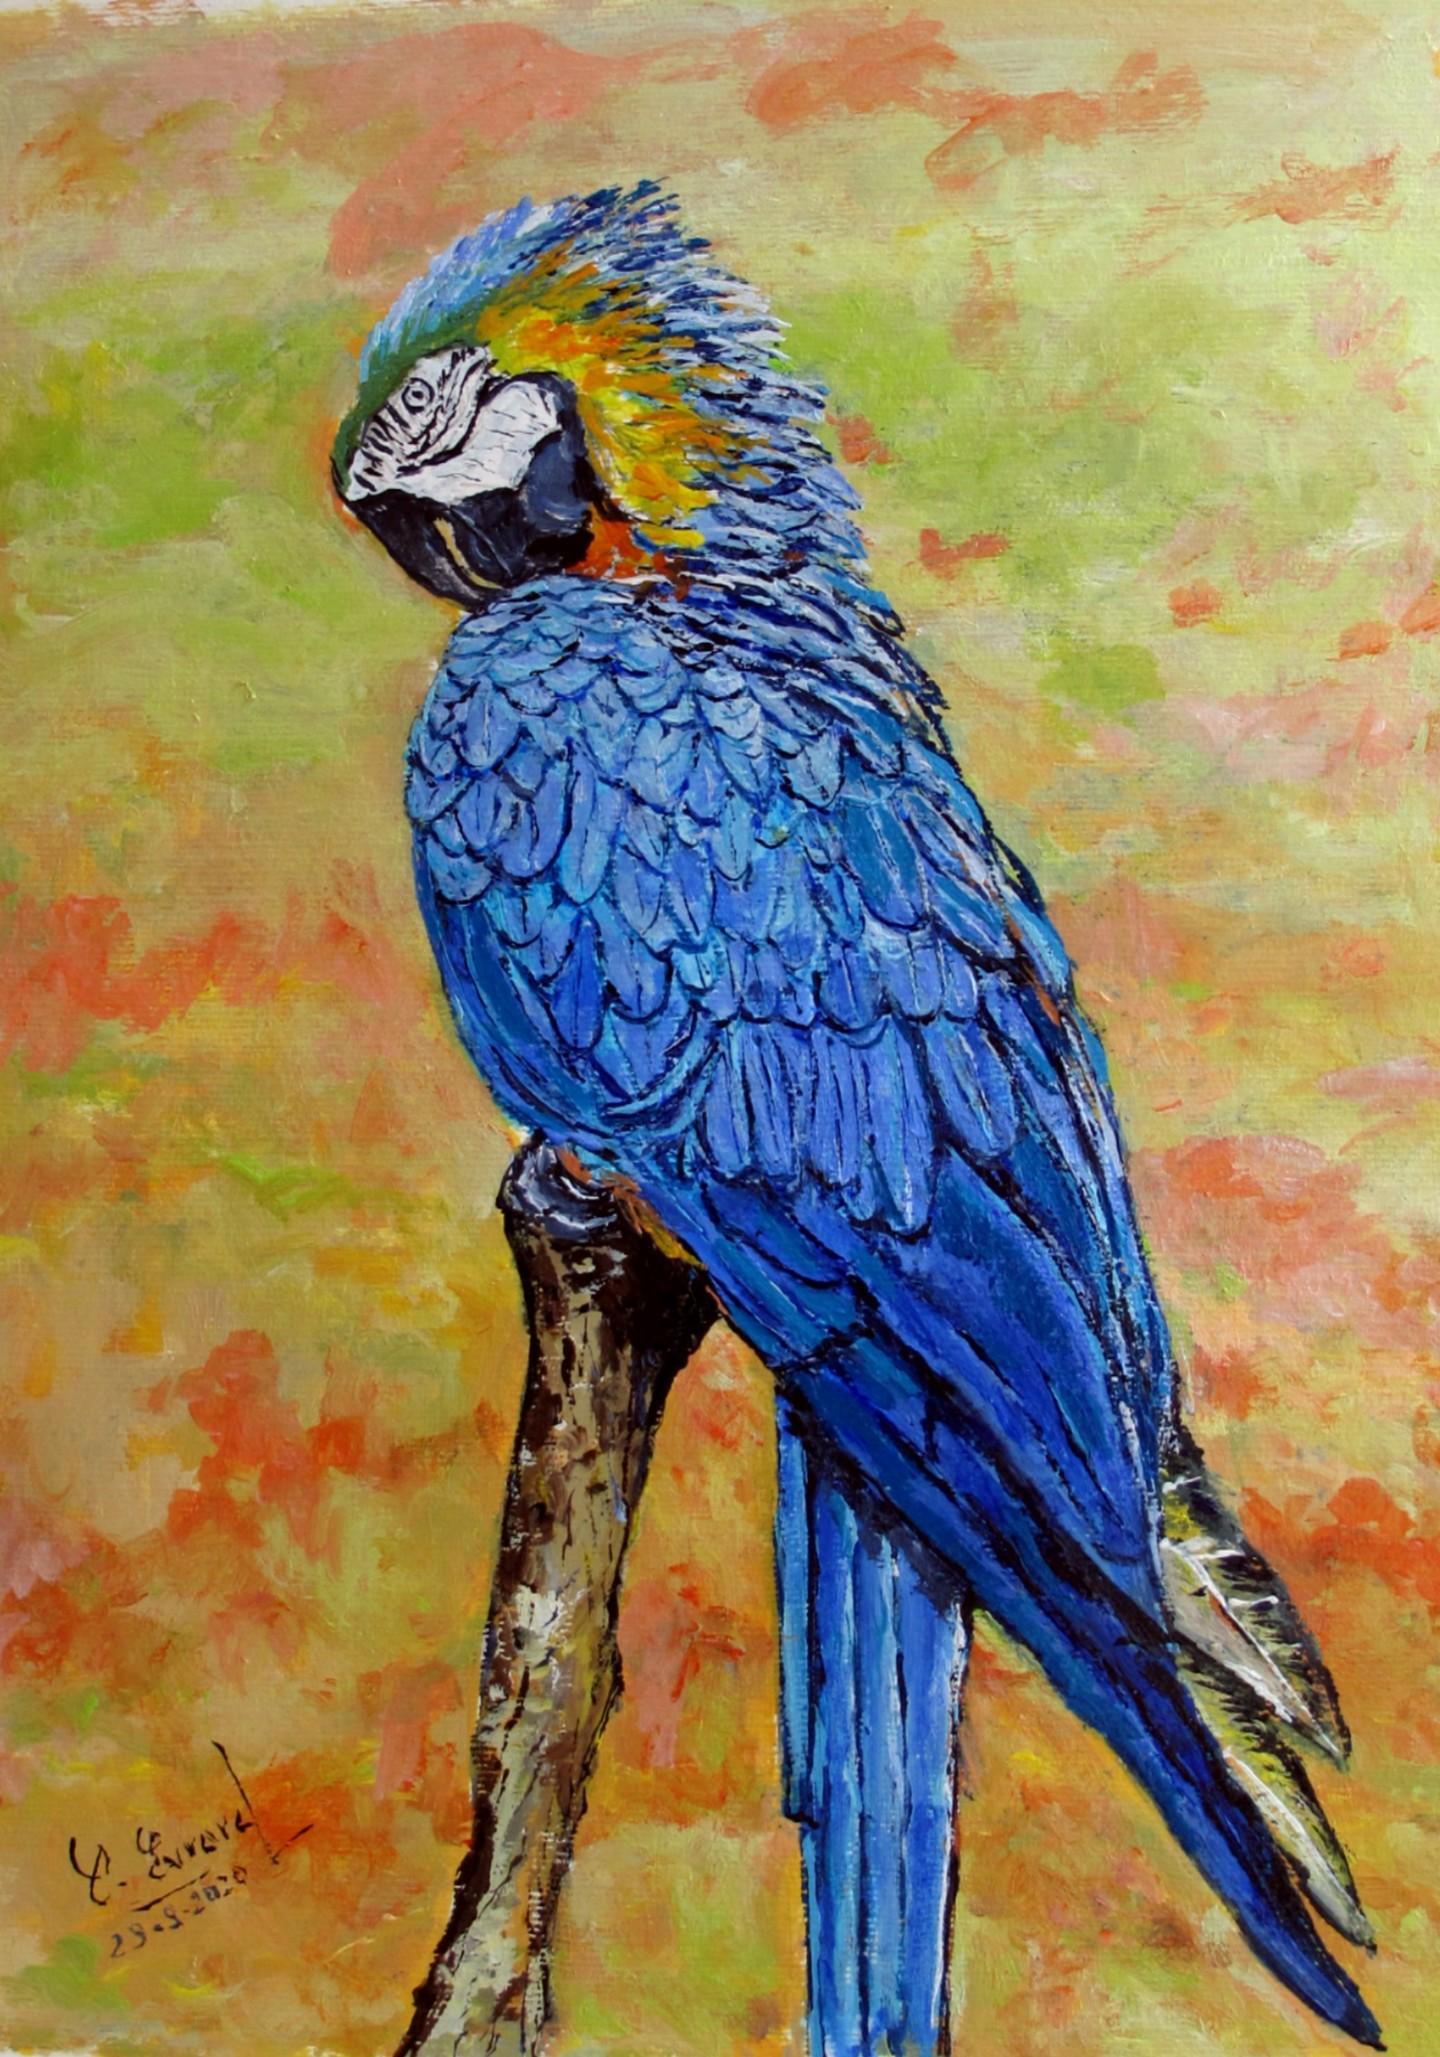 Claude Evrard - Le perroquet bleu en colère